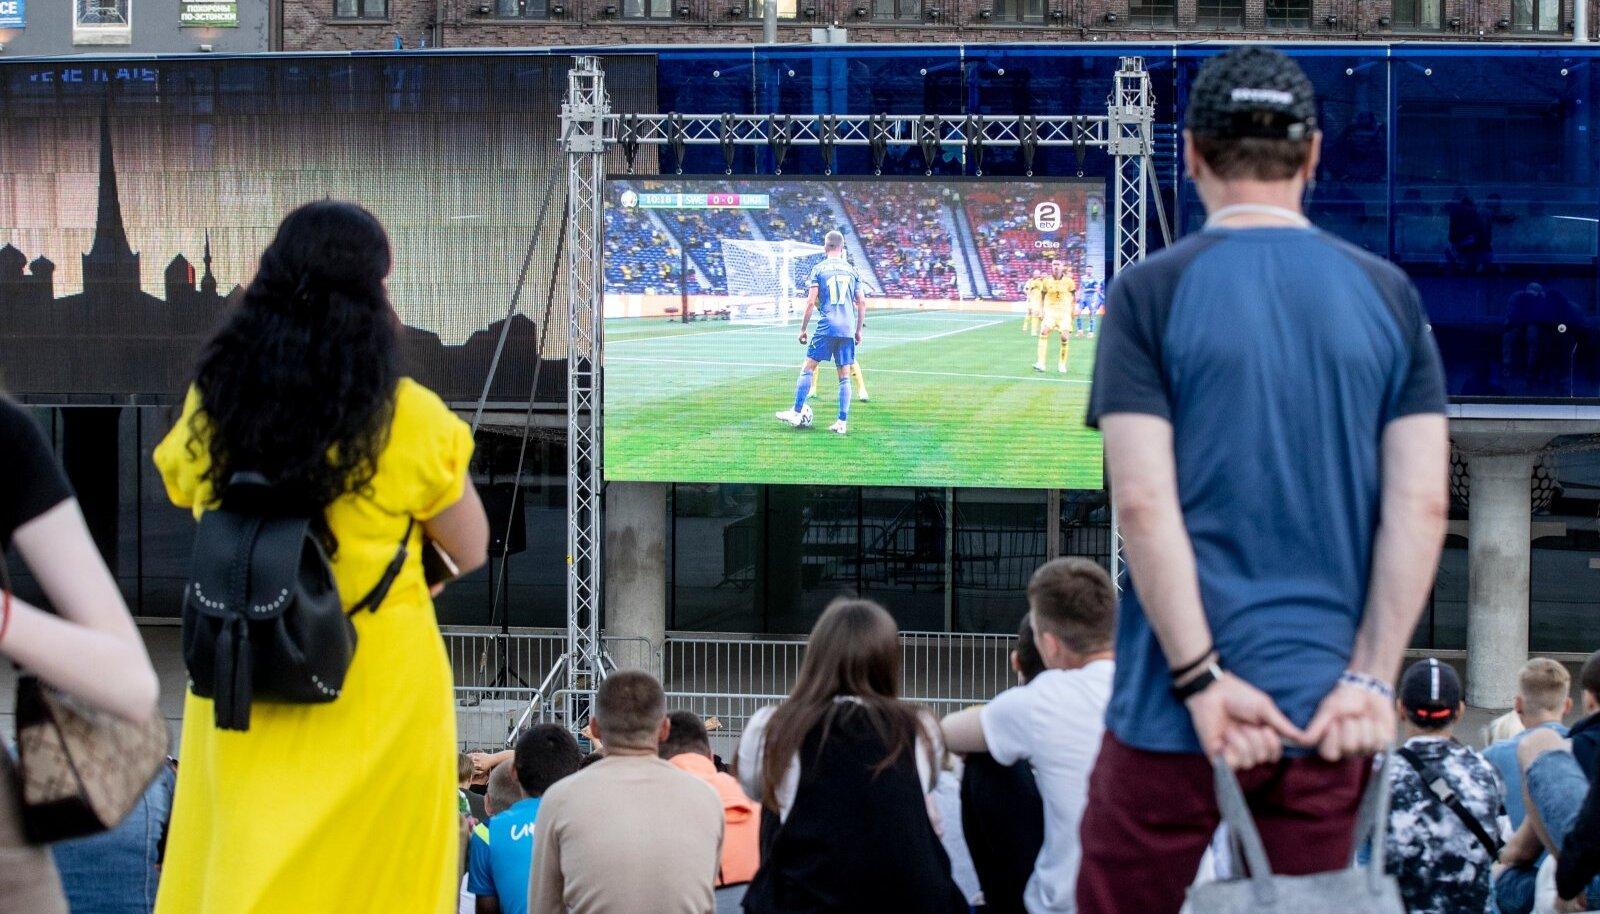 Jalgpall, Vabaduse väljak